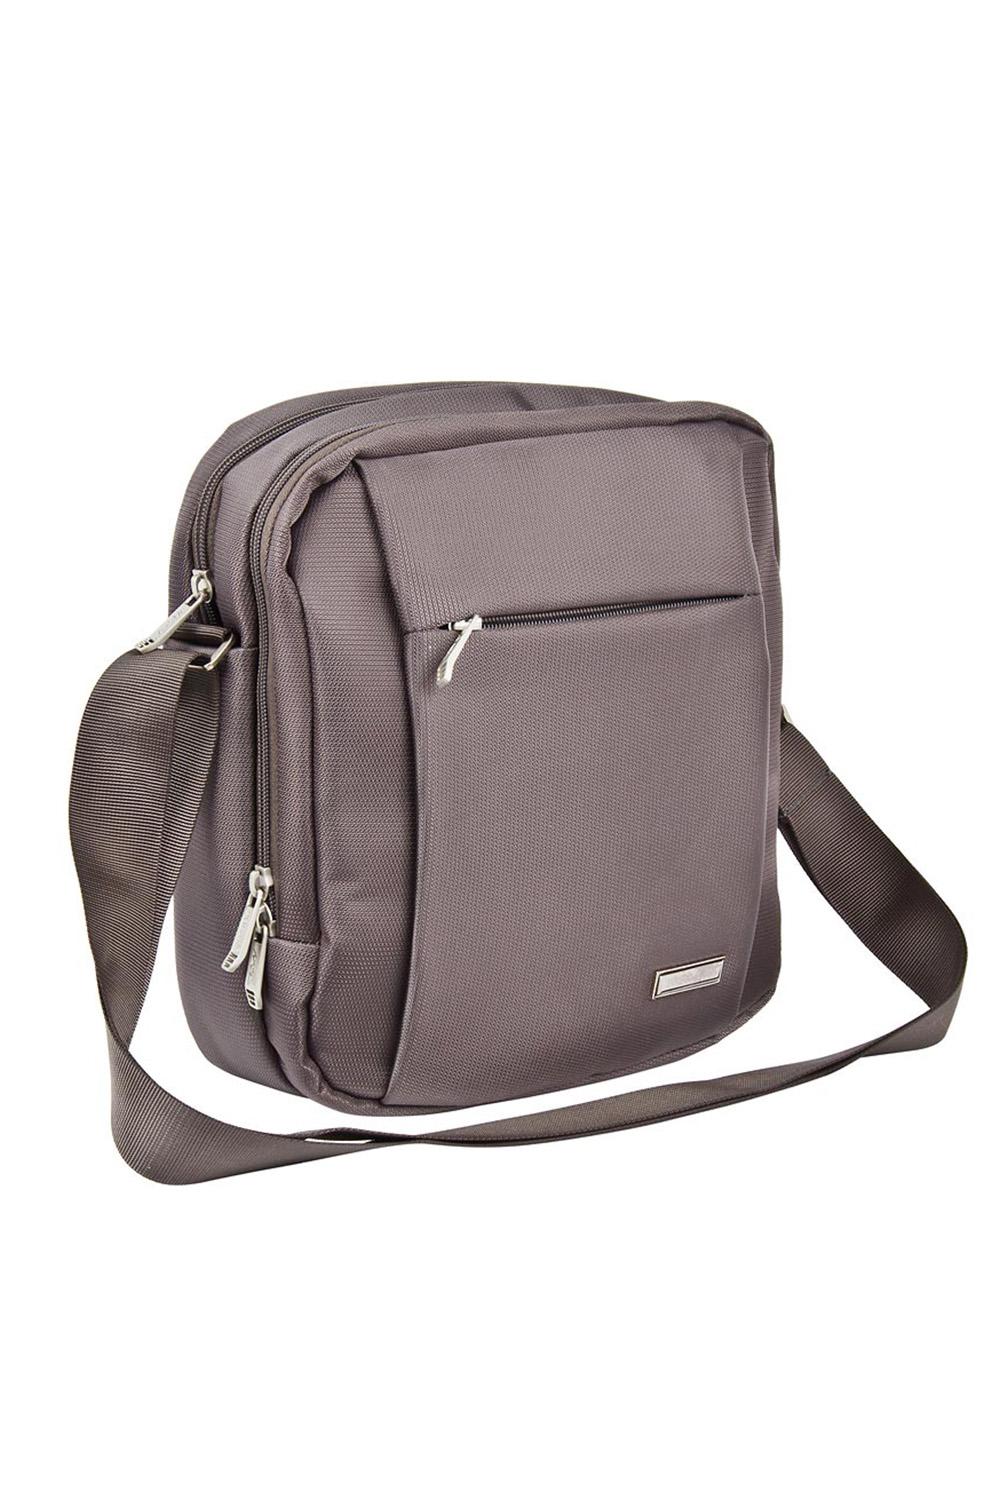 ПланшетБарсетки<br>Удобная и вместительная мужская сумка.  Размеры: 23*26*7 см  Цвет: серый<br><br>Размер : UNI<br>Материал: Полиэстер<br>Количество в наличии: 1